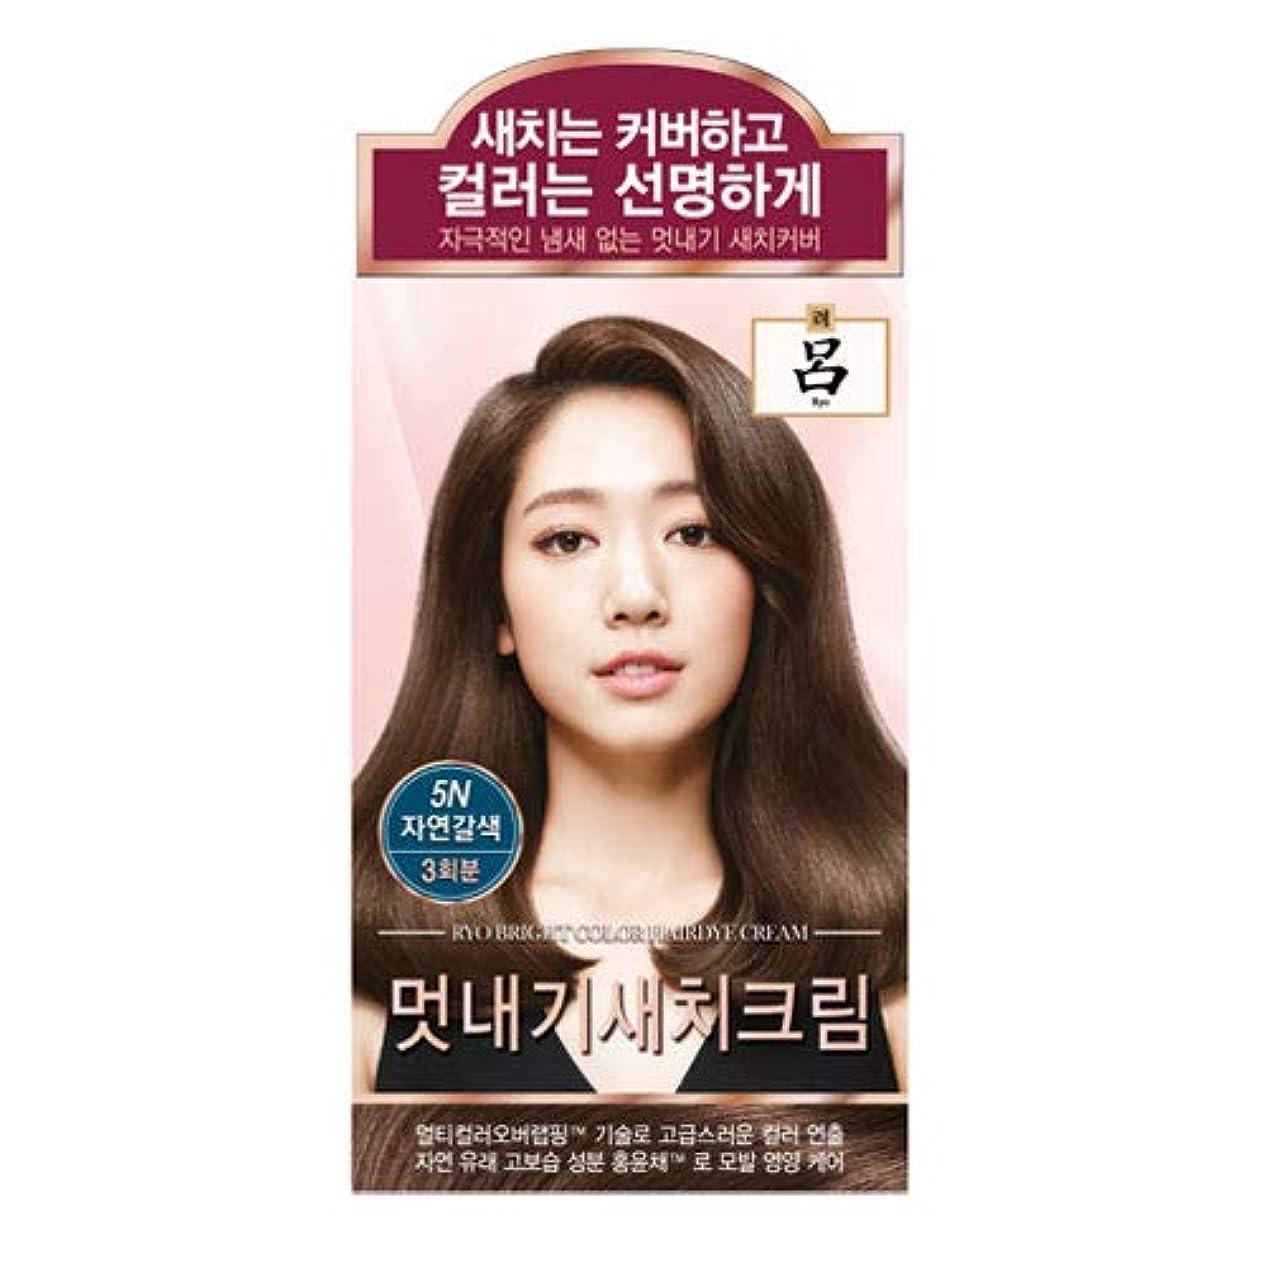 言語学してはいけませんダイアクリティカルアモーレパシフィック呂[AMOREPACIFIC/Ryo] ブライトカラーヘアアイクリーム 5N ナチュラルブラウン/Bright Color Hairdye Cream 5N Natural Brown